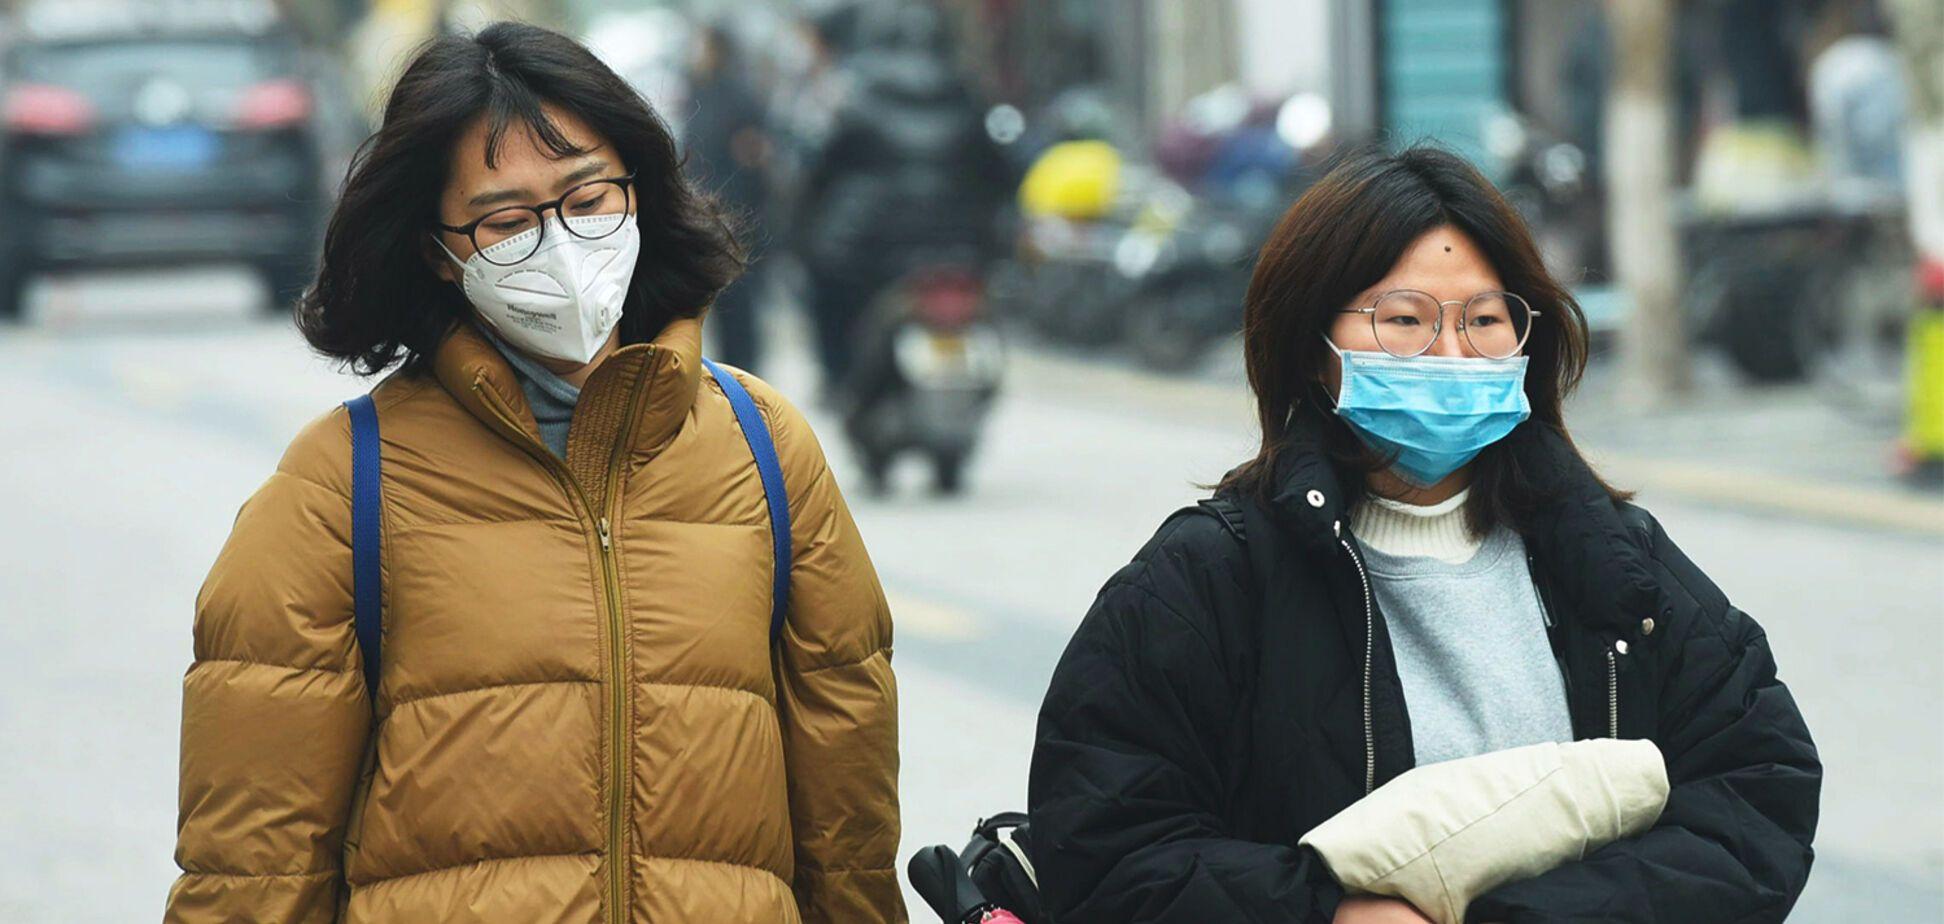 Дизайнер придумала оригинальные маски от коронавируса: как выглядят